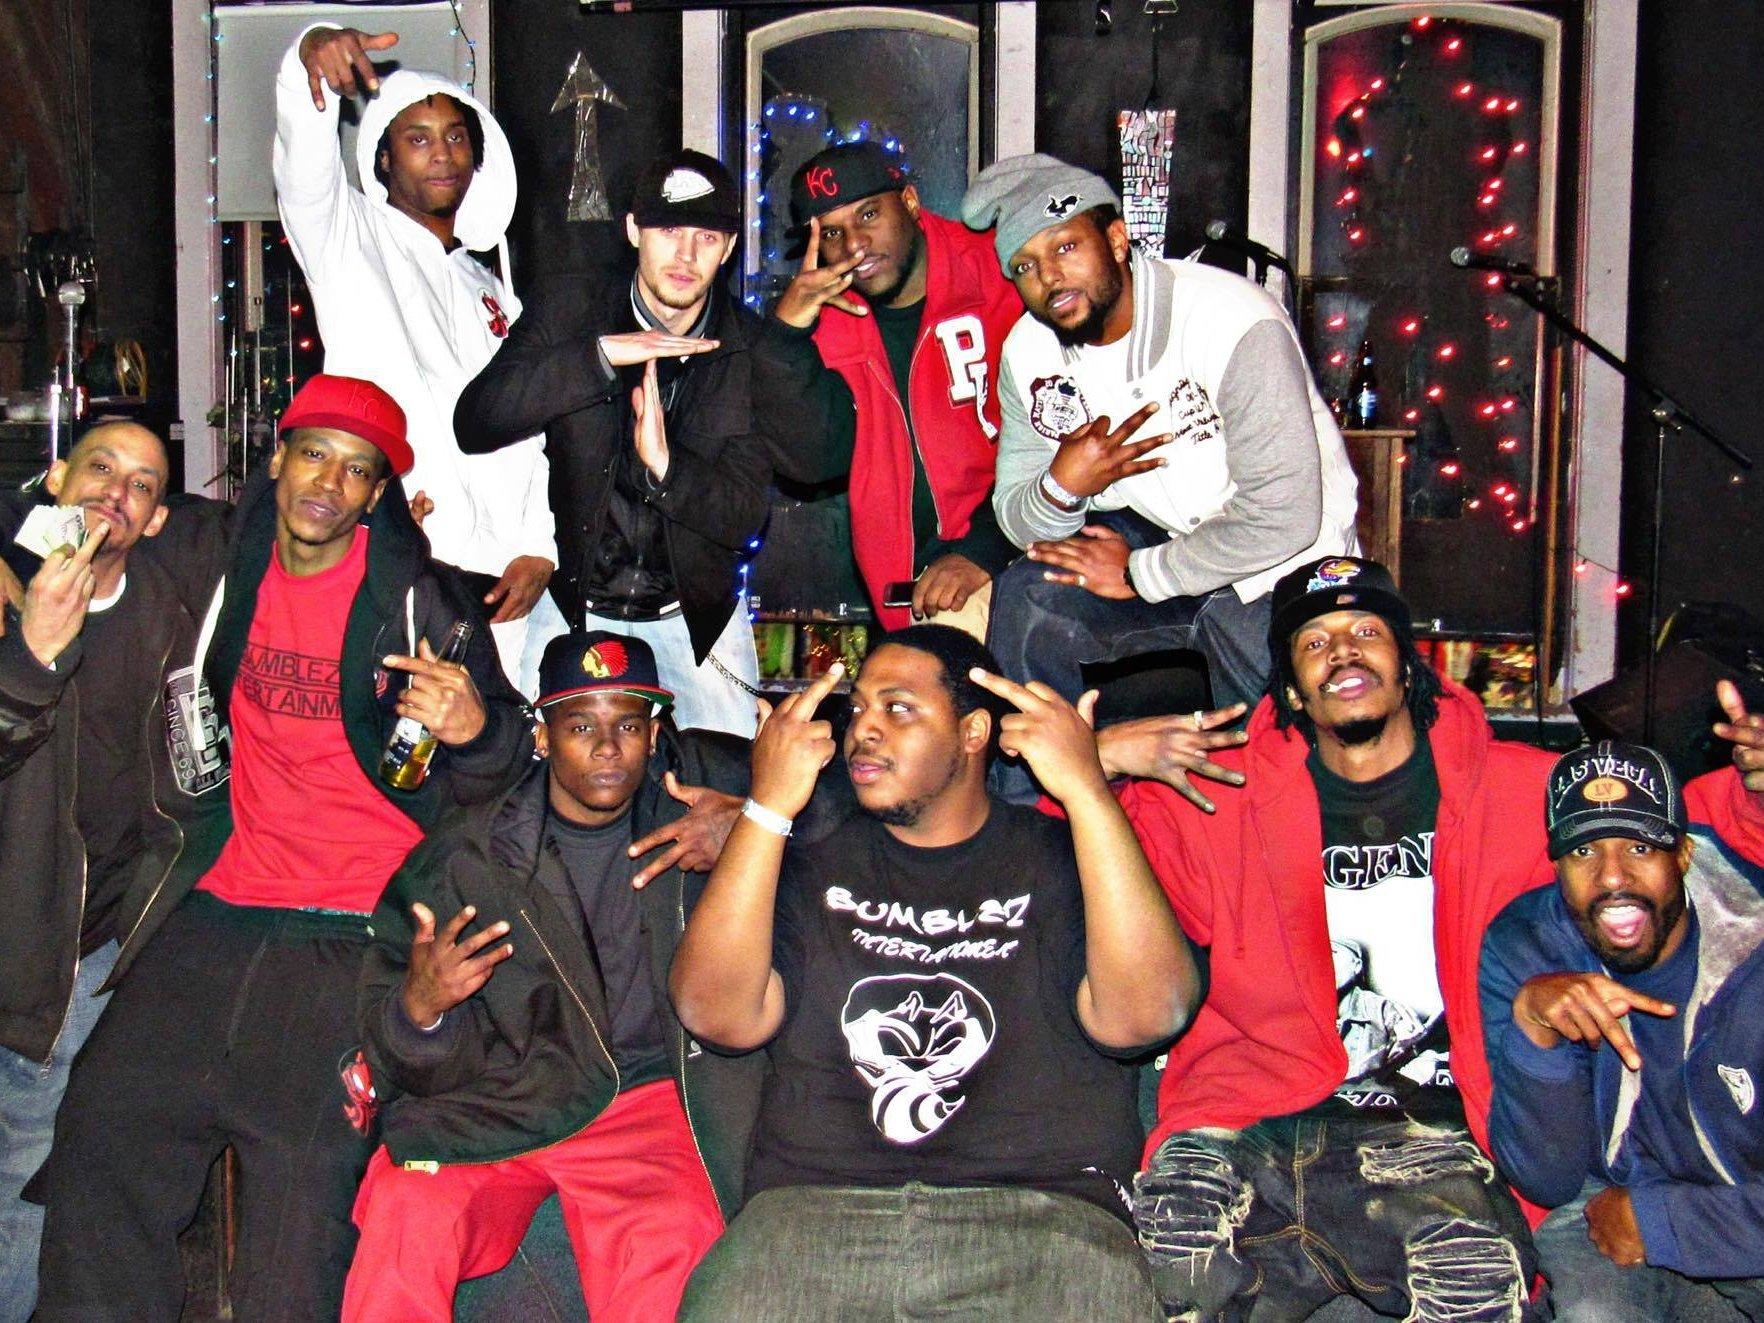 Image for Bumblez Entertainment